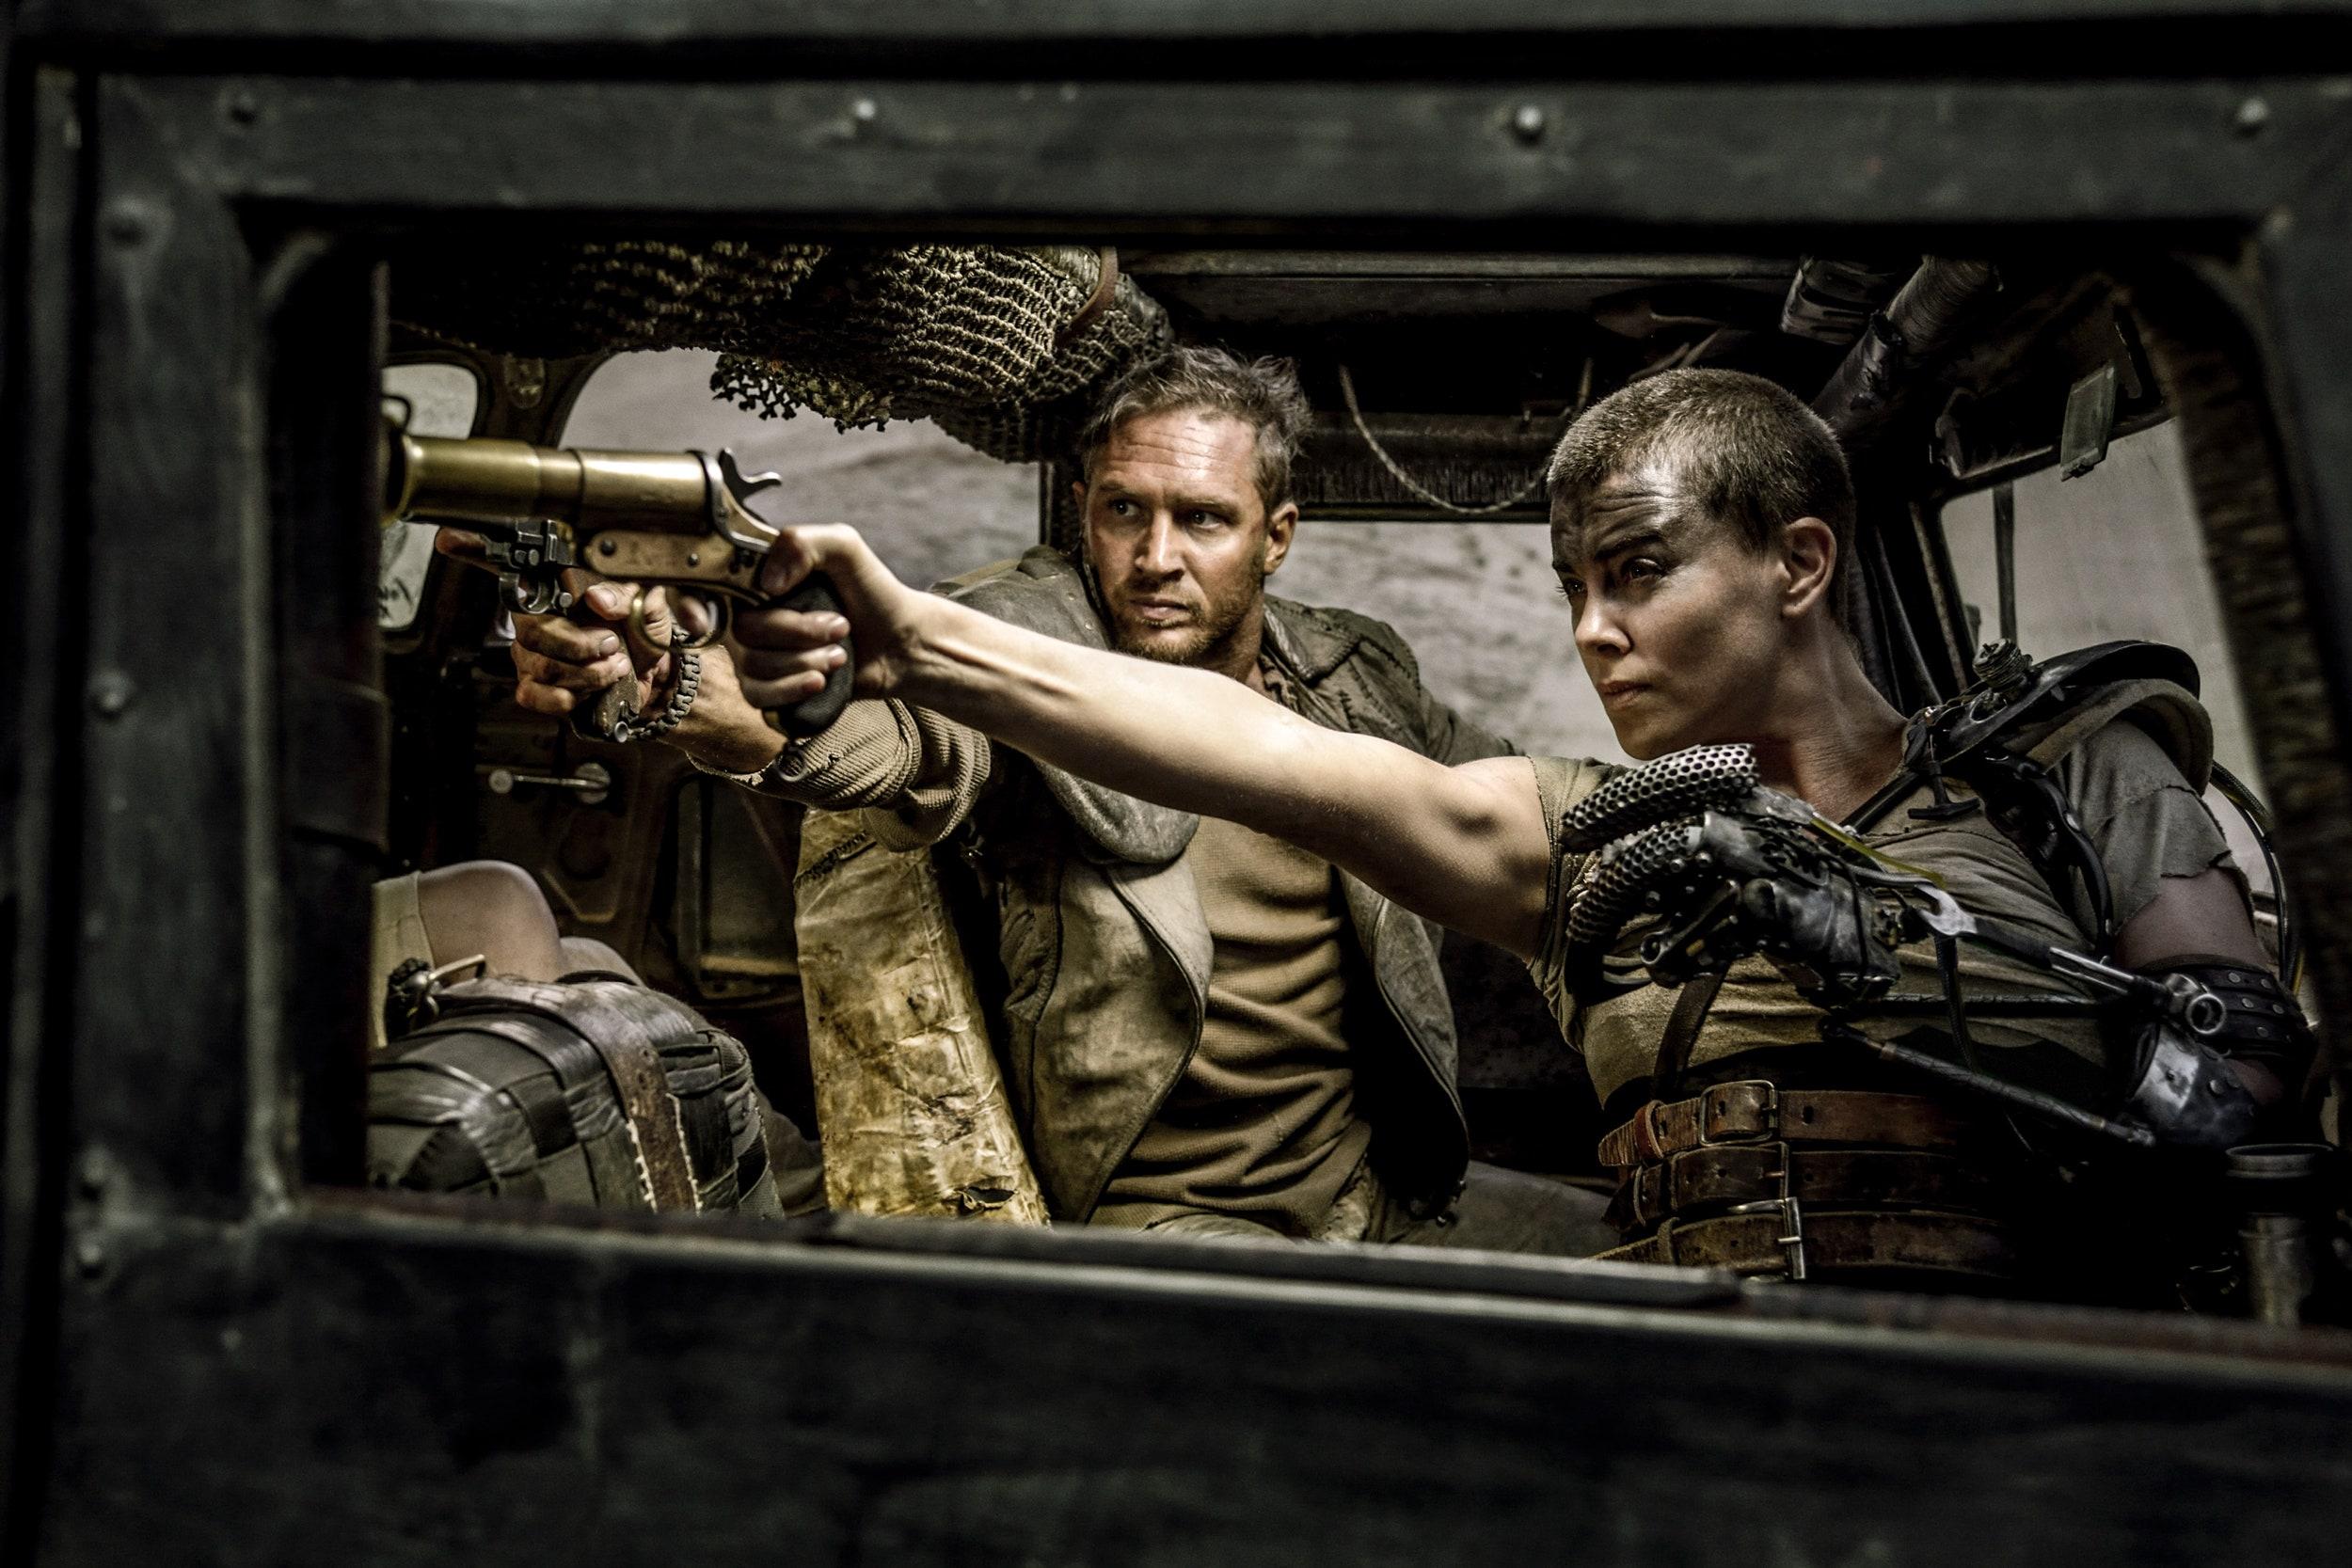 """FILM PRIPREMAN 15 GODINA, OSVOJIO 6 OSKARA! Charlize Theron i Tom Hardy o sukobima na snimanju """"Pobješnjelog Maxa"""""""